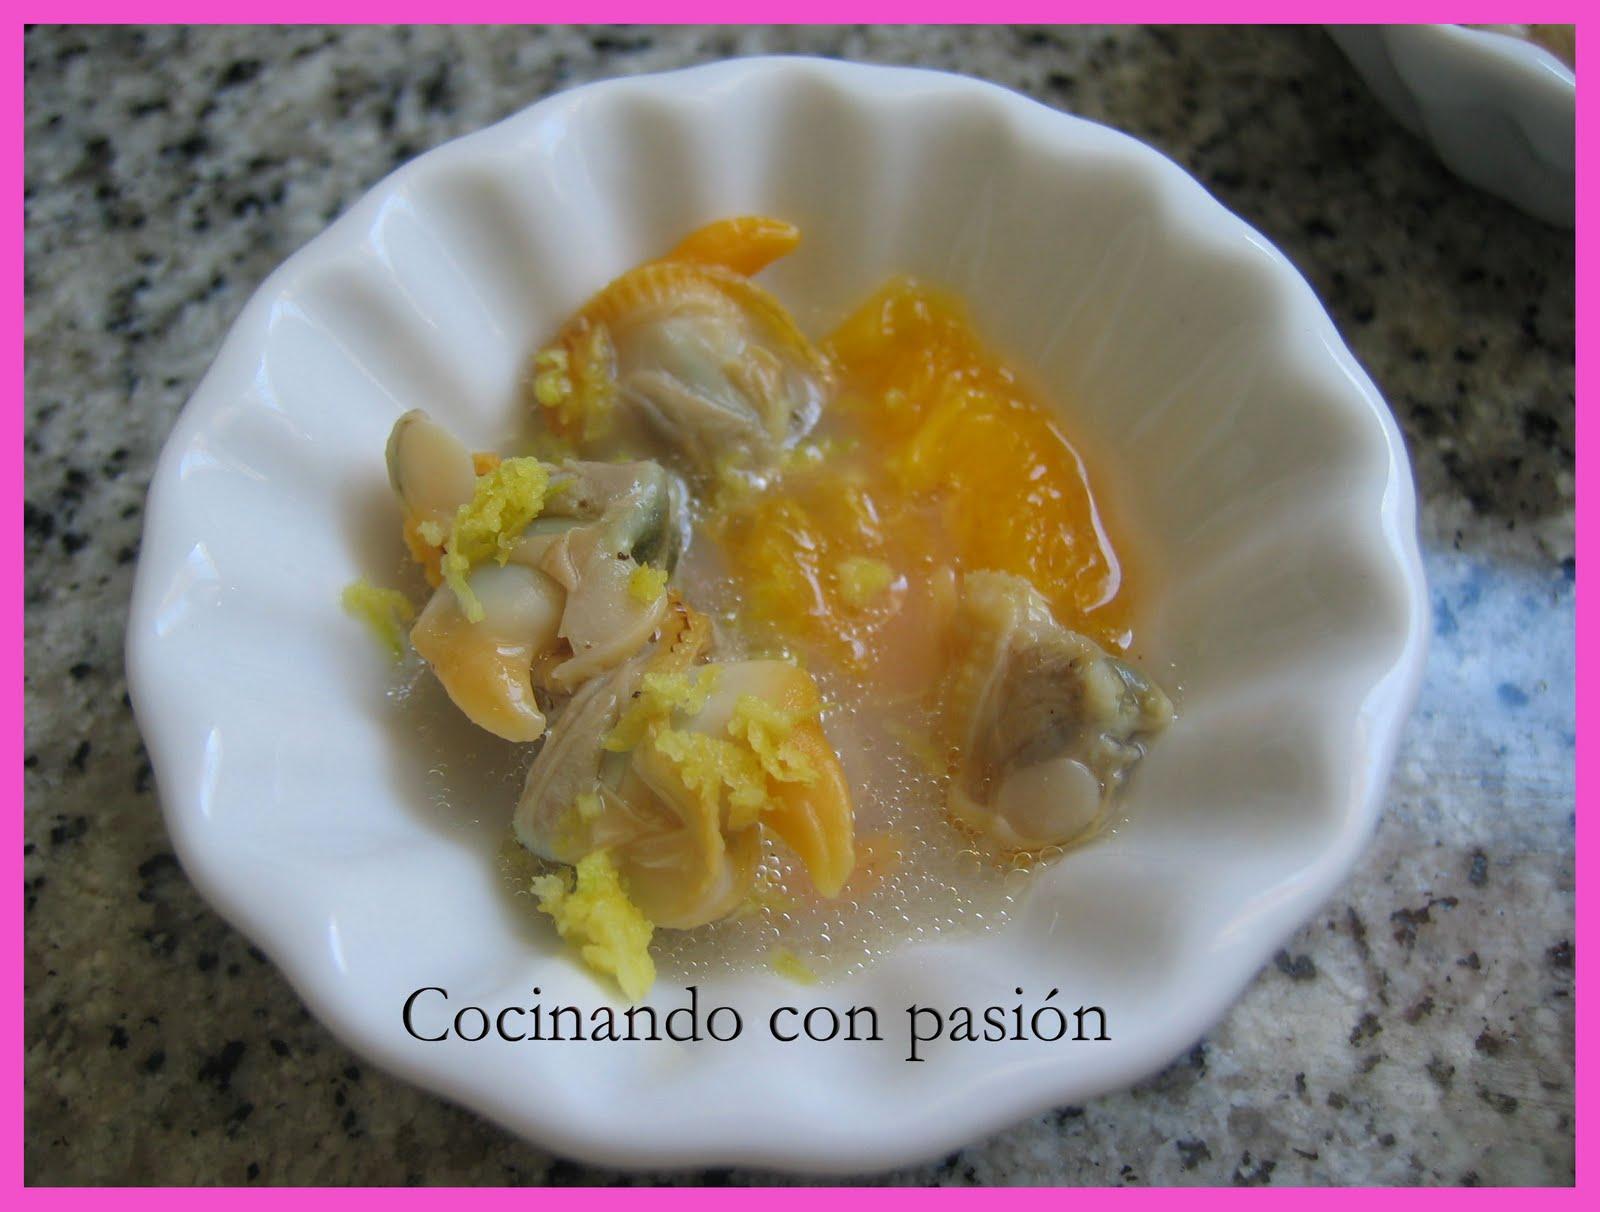 Cocinando con pasi n cucharita de berberechos con naranja - Como cocinar berberechos ...